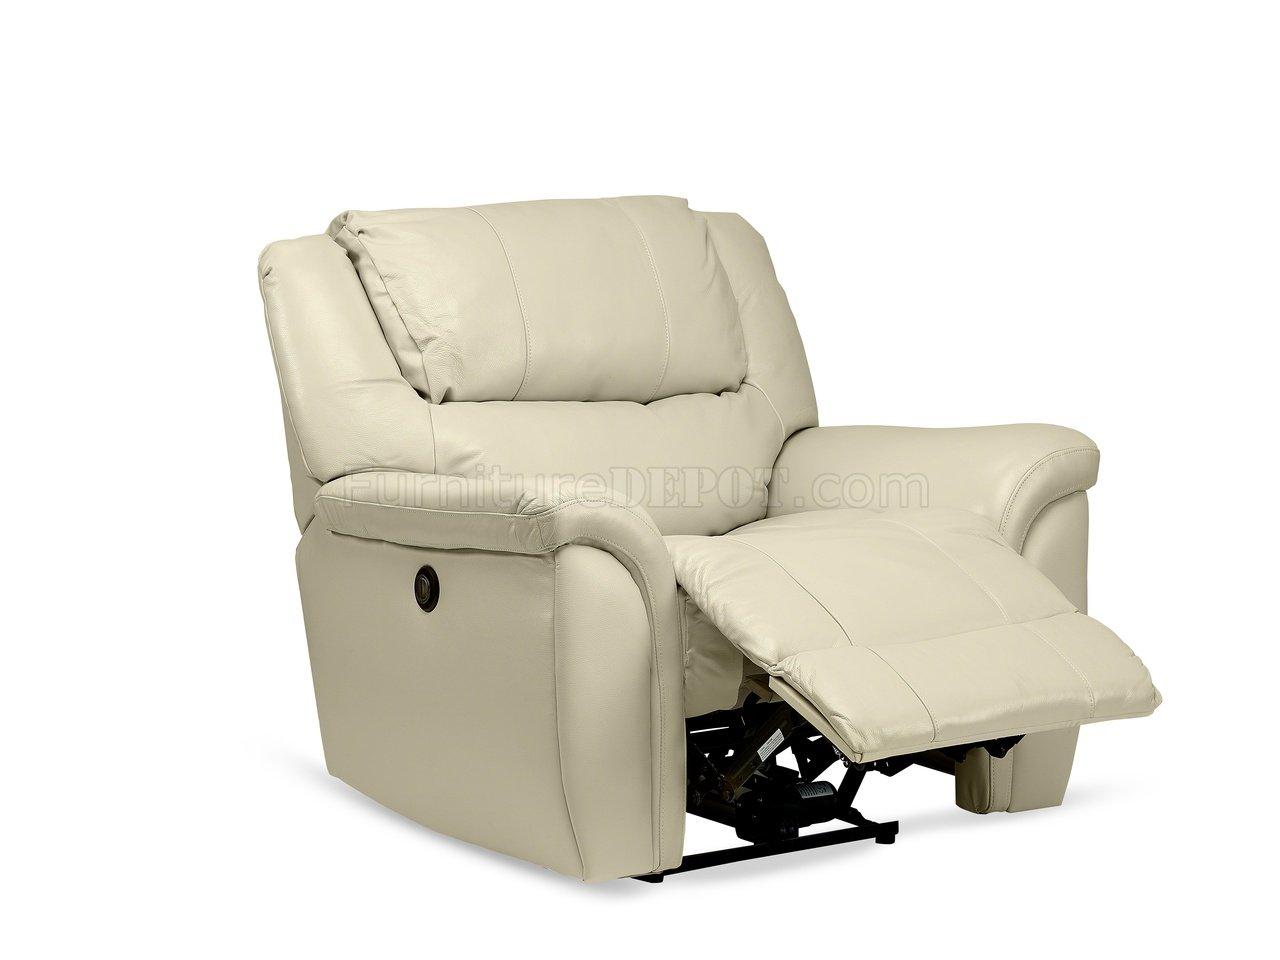 Dawson Power Reclining Sofa Set In Cream Leather Match By